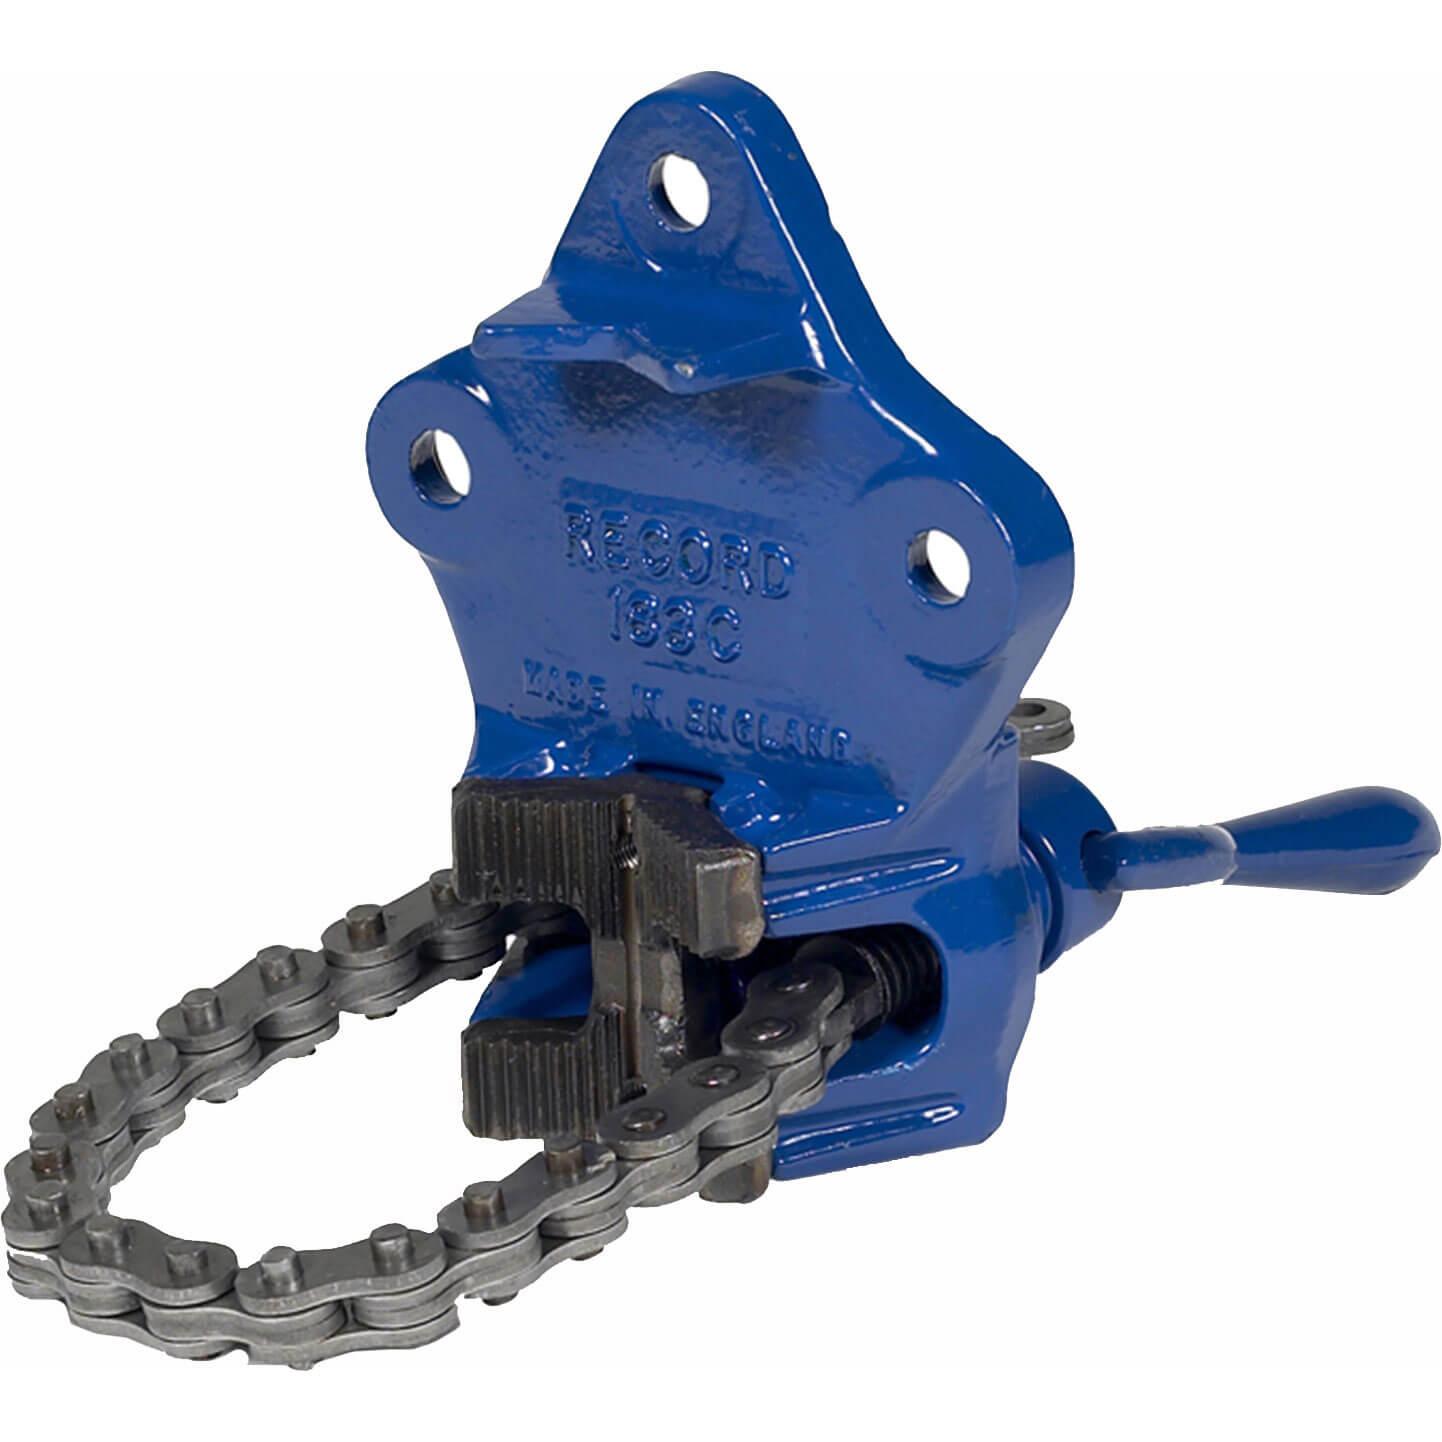 Irwin Record T183C Chain Pipe Vice 1/2